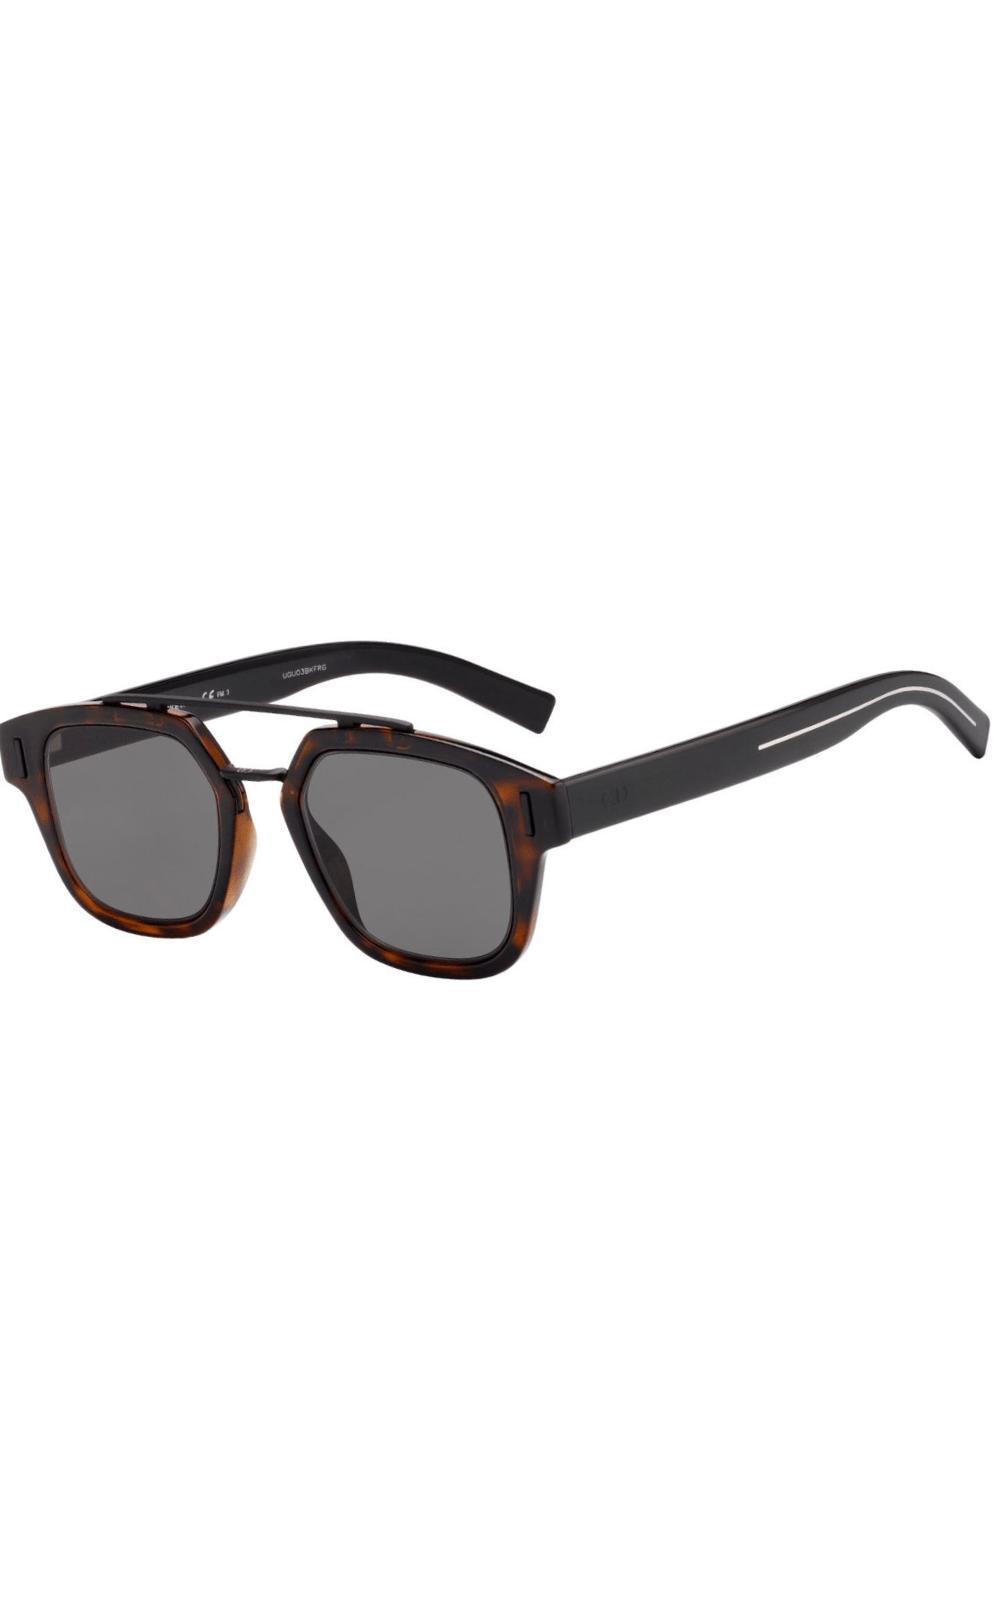 Foto 1 - Óculos de Sol Dior Homme Fraction 1 086/2K